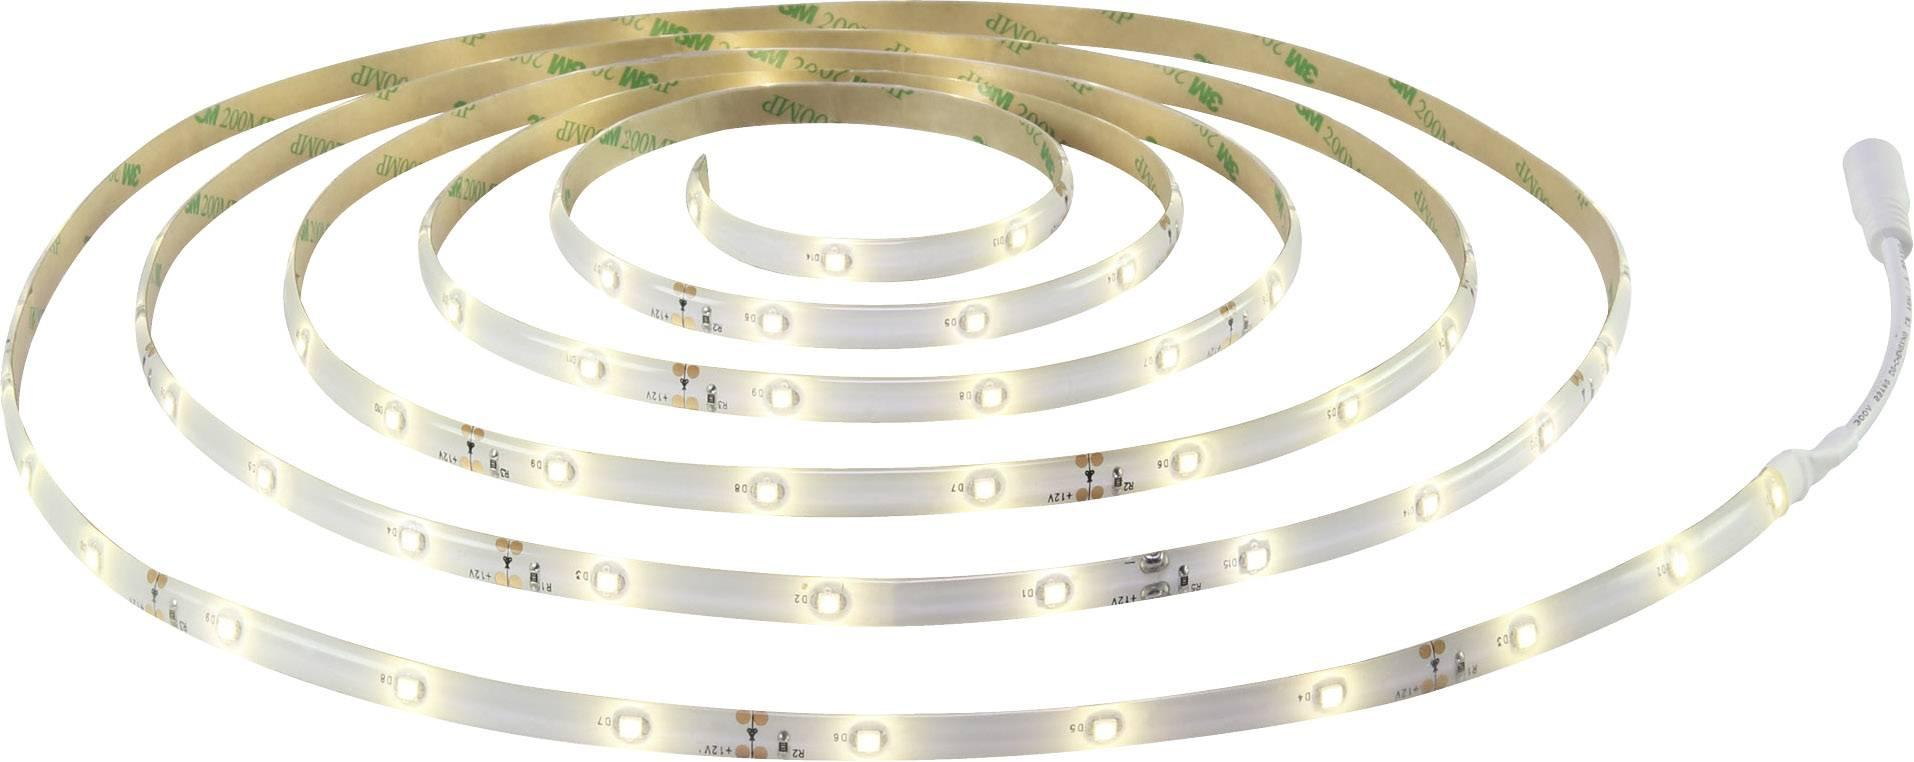 LED pásik Polarlite 12 V/DC, 6 W, neutrálne biela, 300 cm